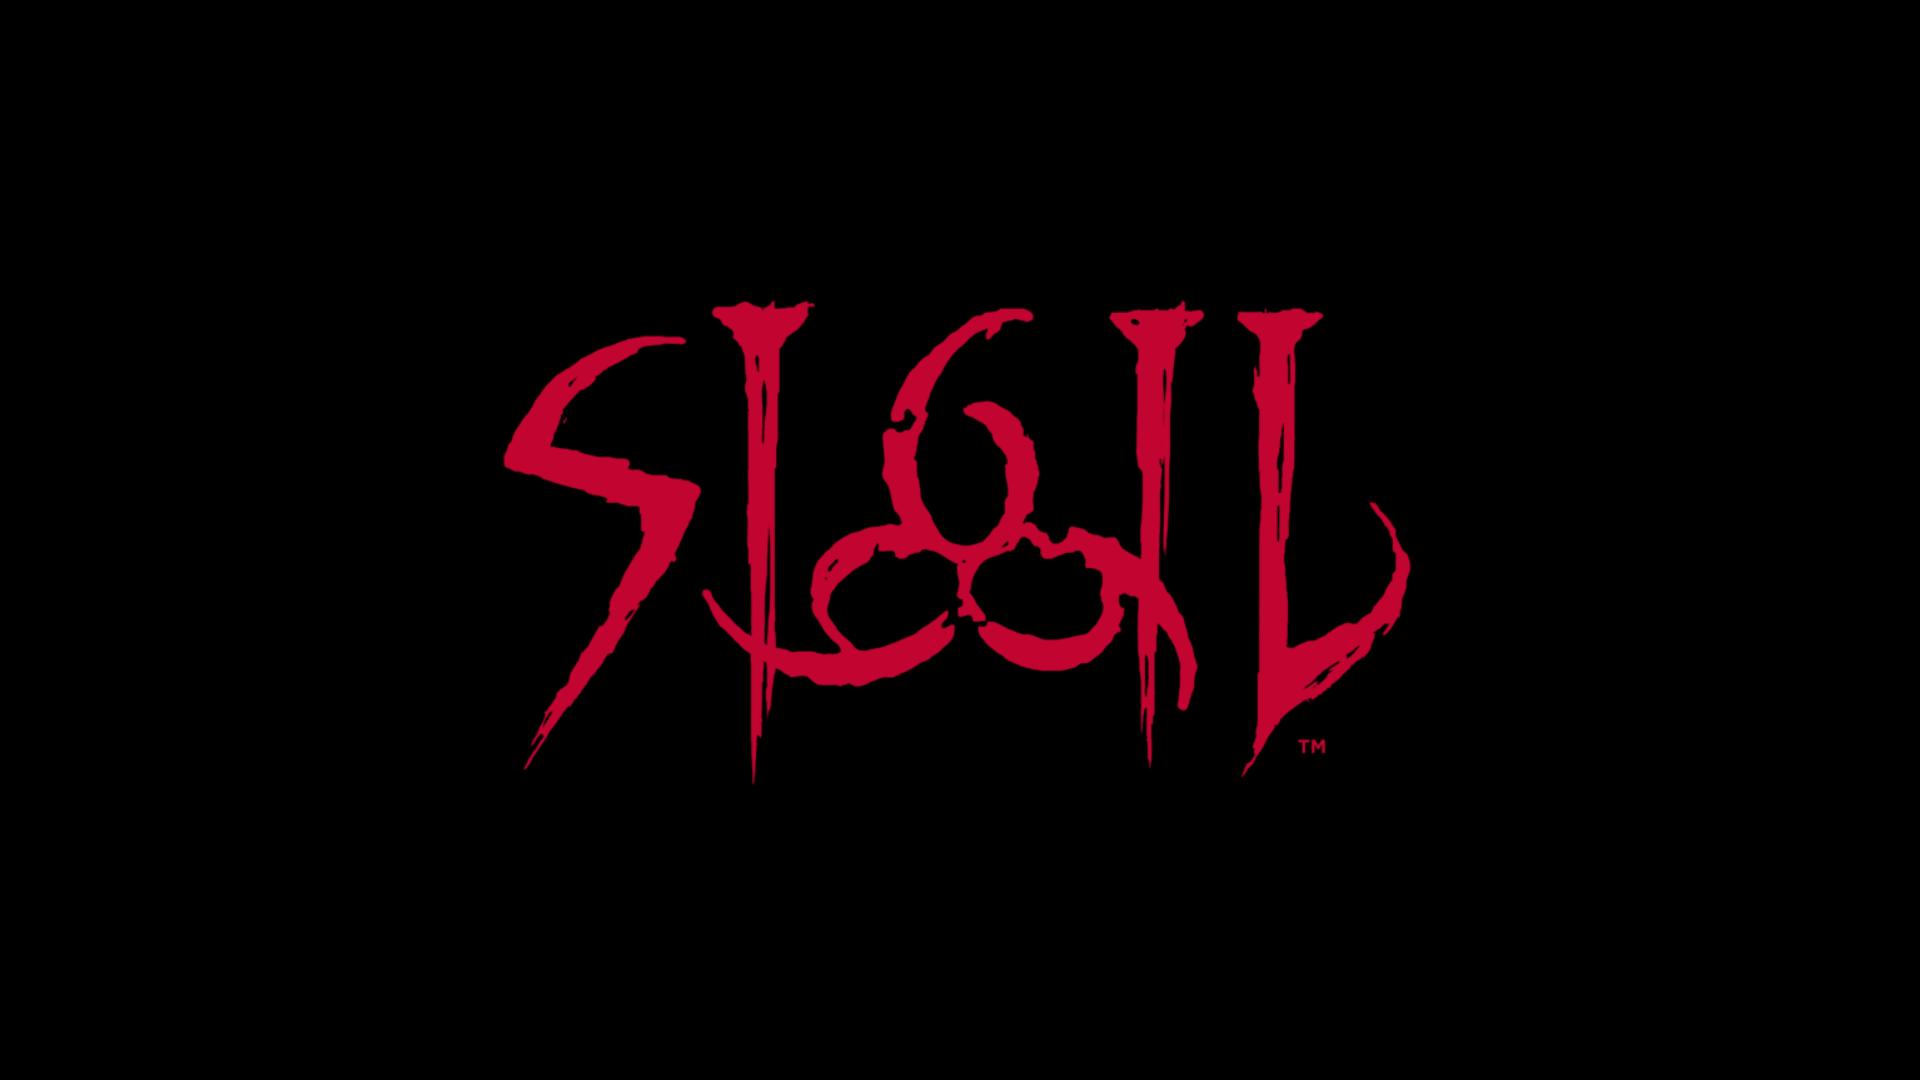 تاریخ انتشار ماد Sigil برای Doom مشخص شد